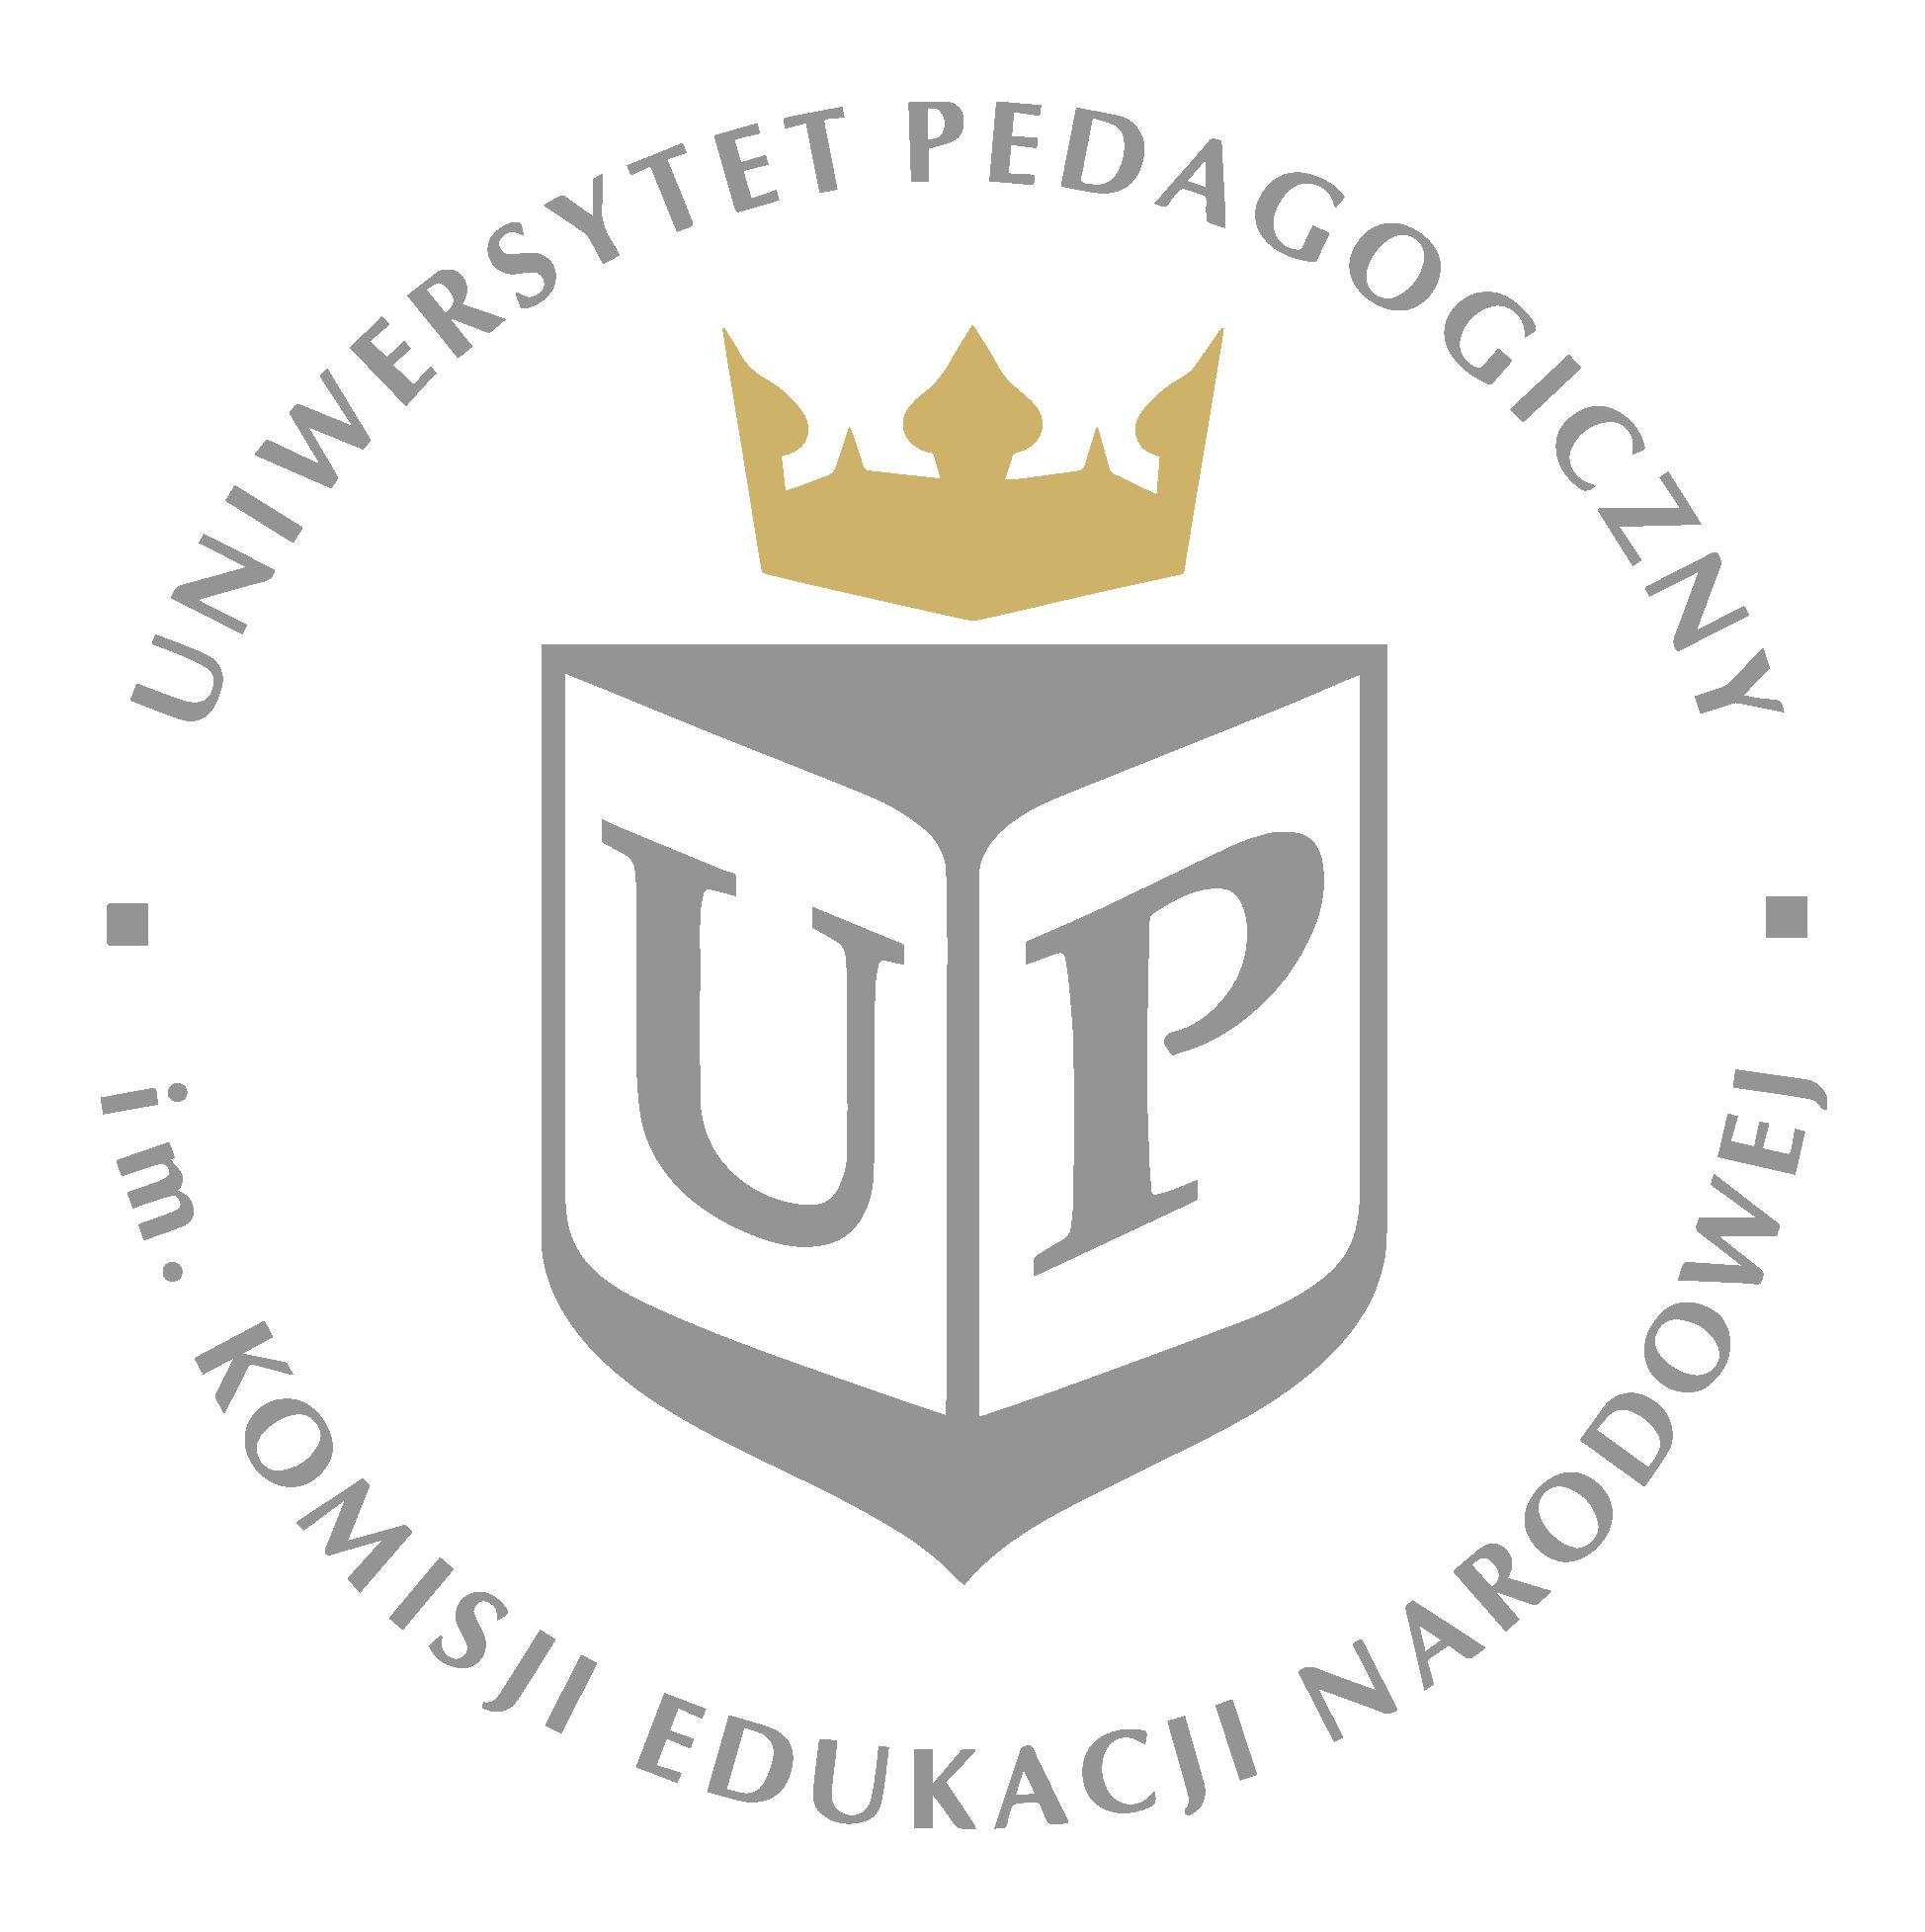 Uniwersytet Pedagogiczny w Krakowie - Uniwersytet Pedagogiczny